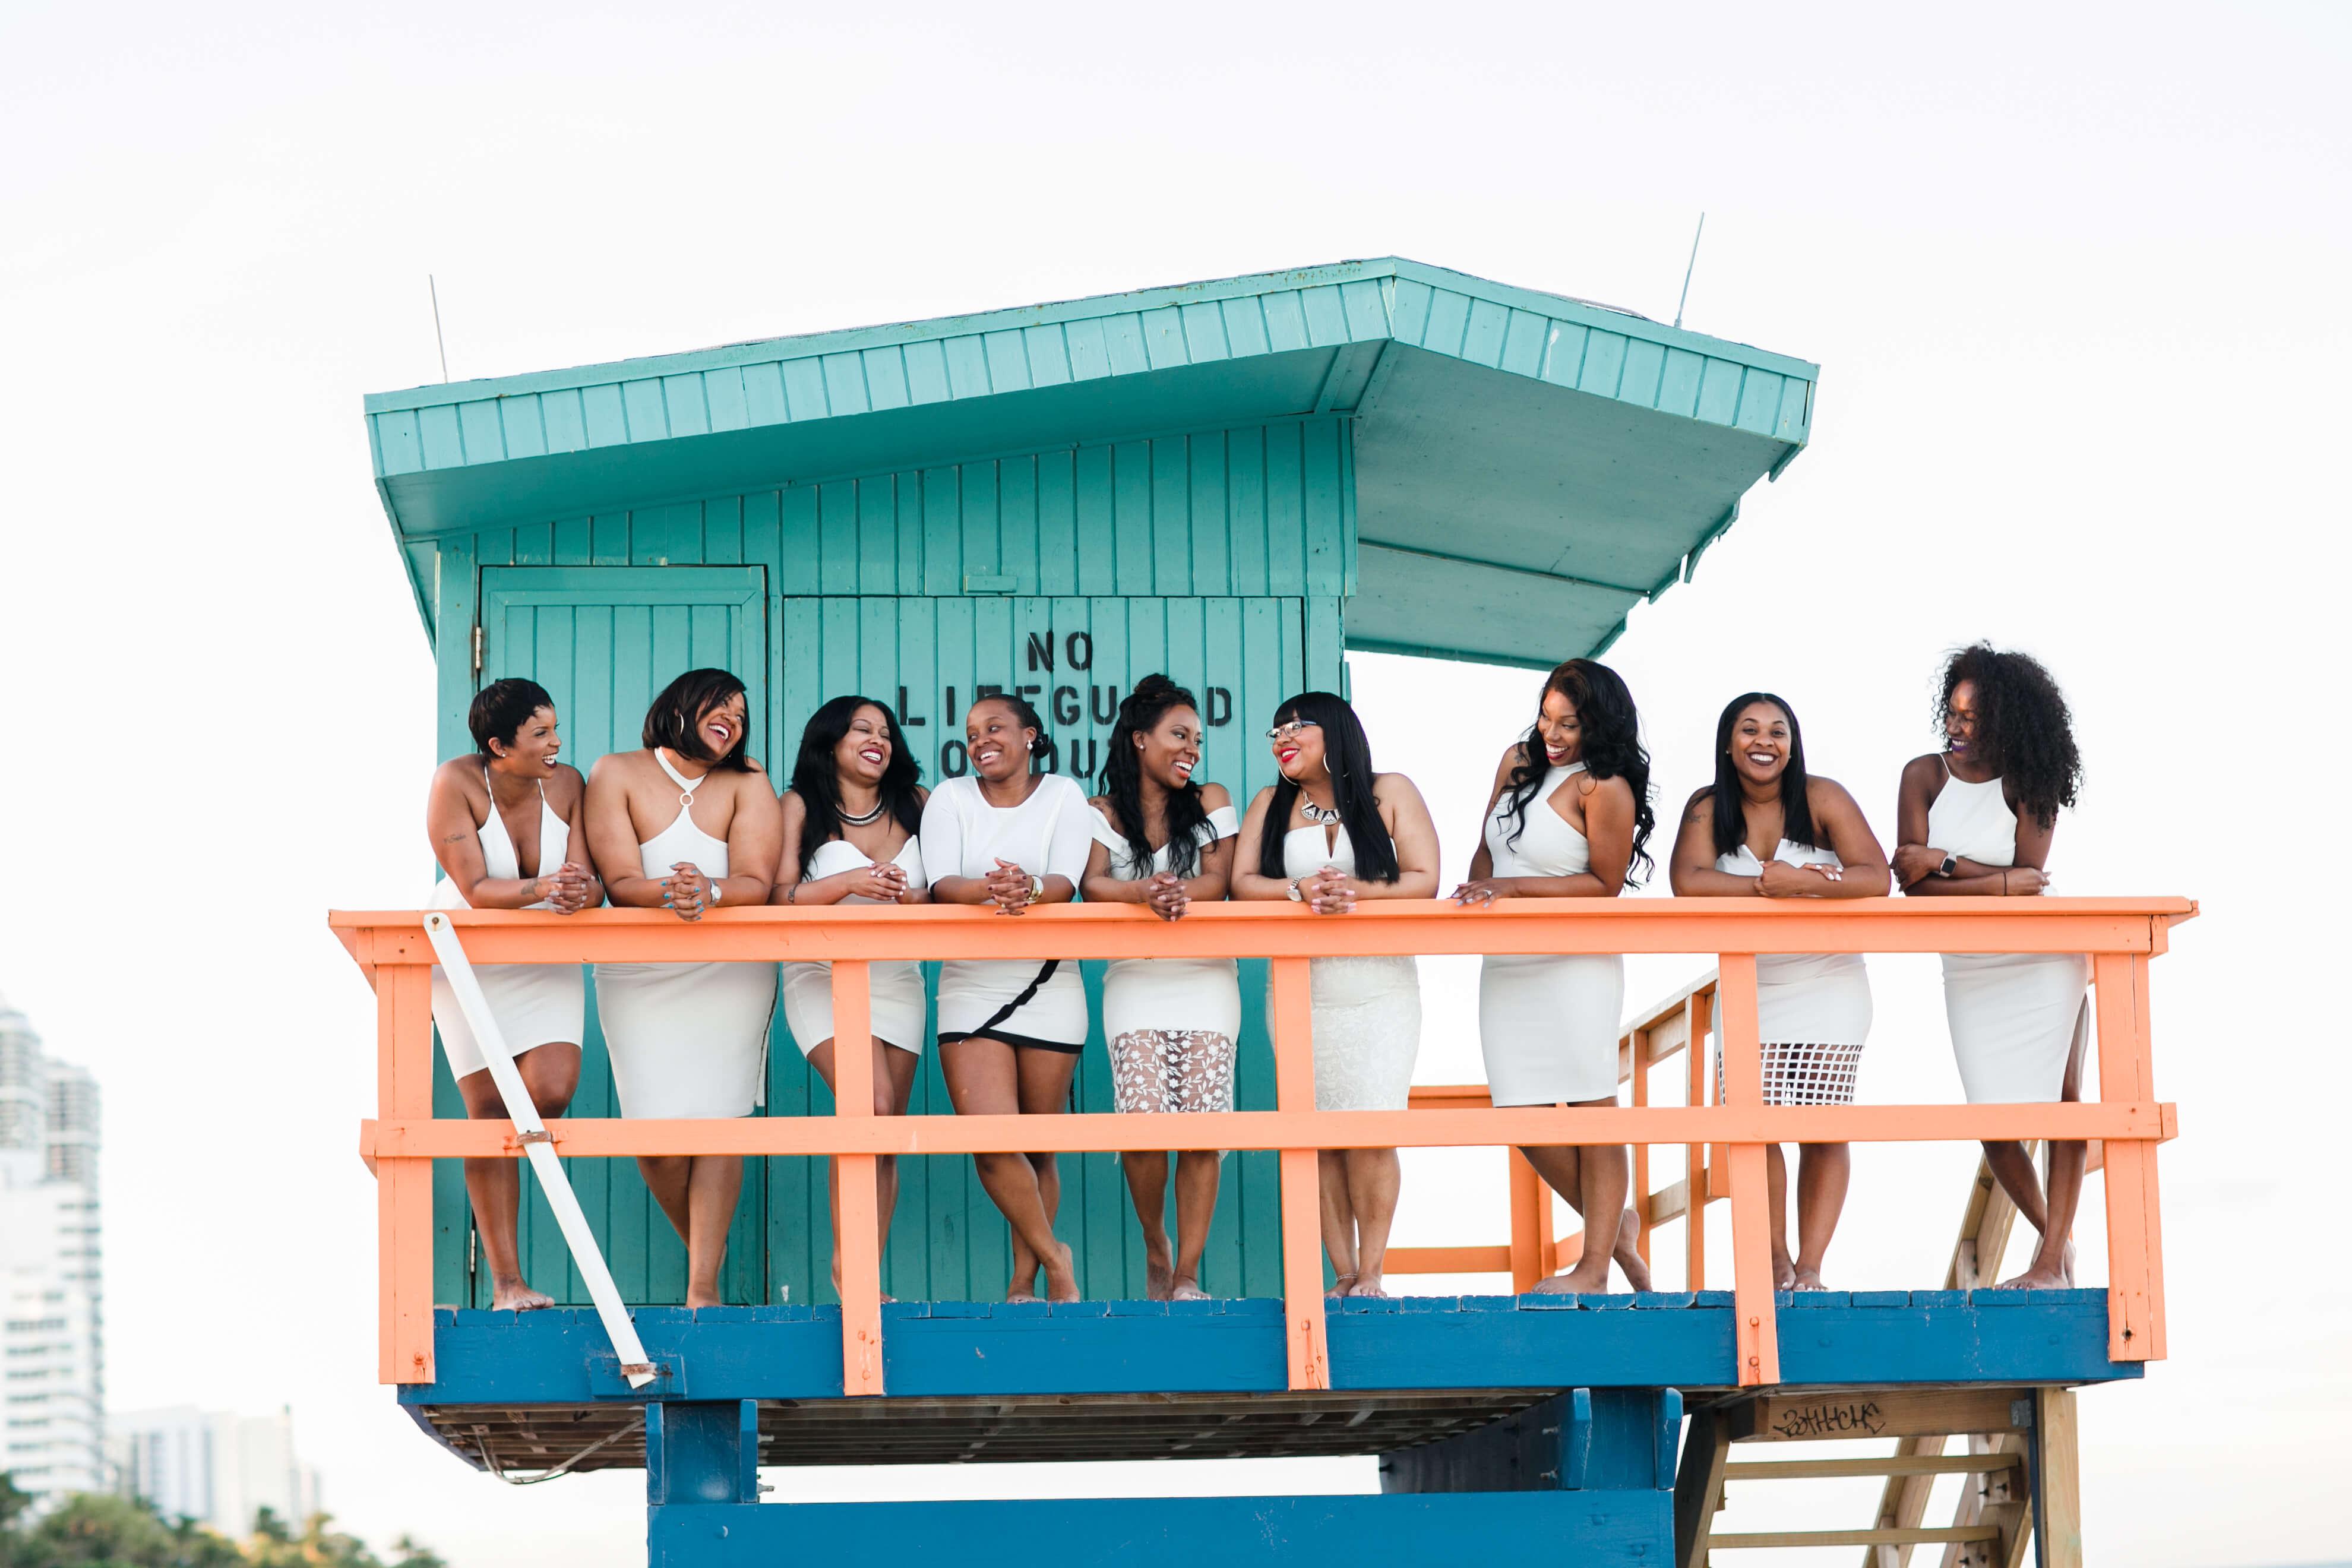 Bachelorettes in Miami, Florida